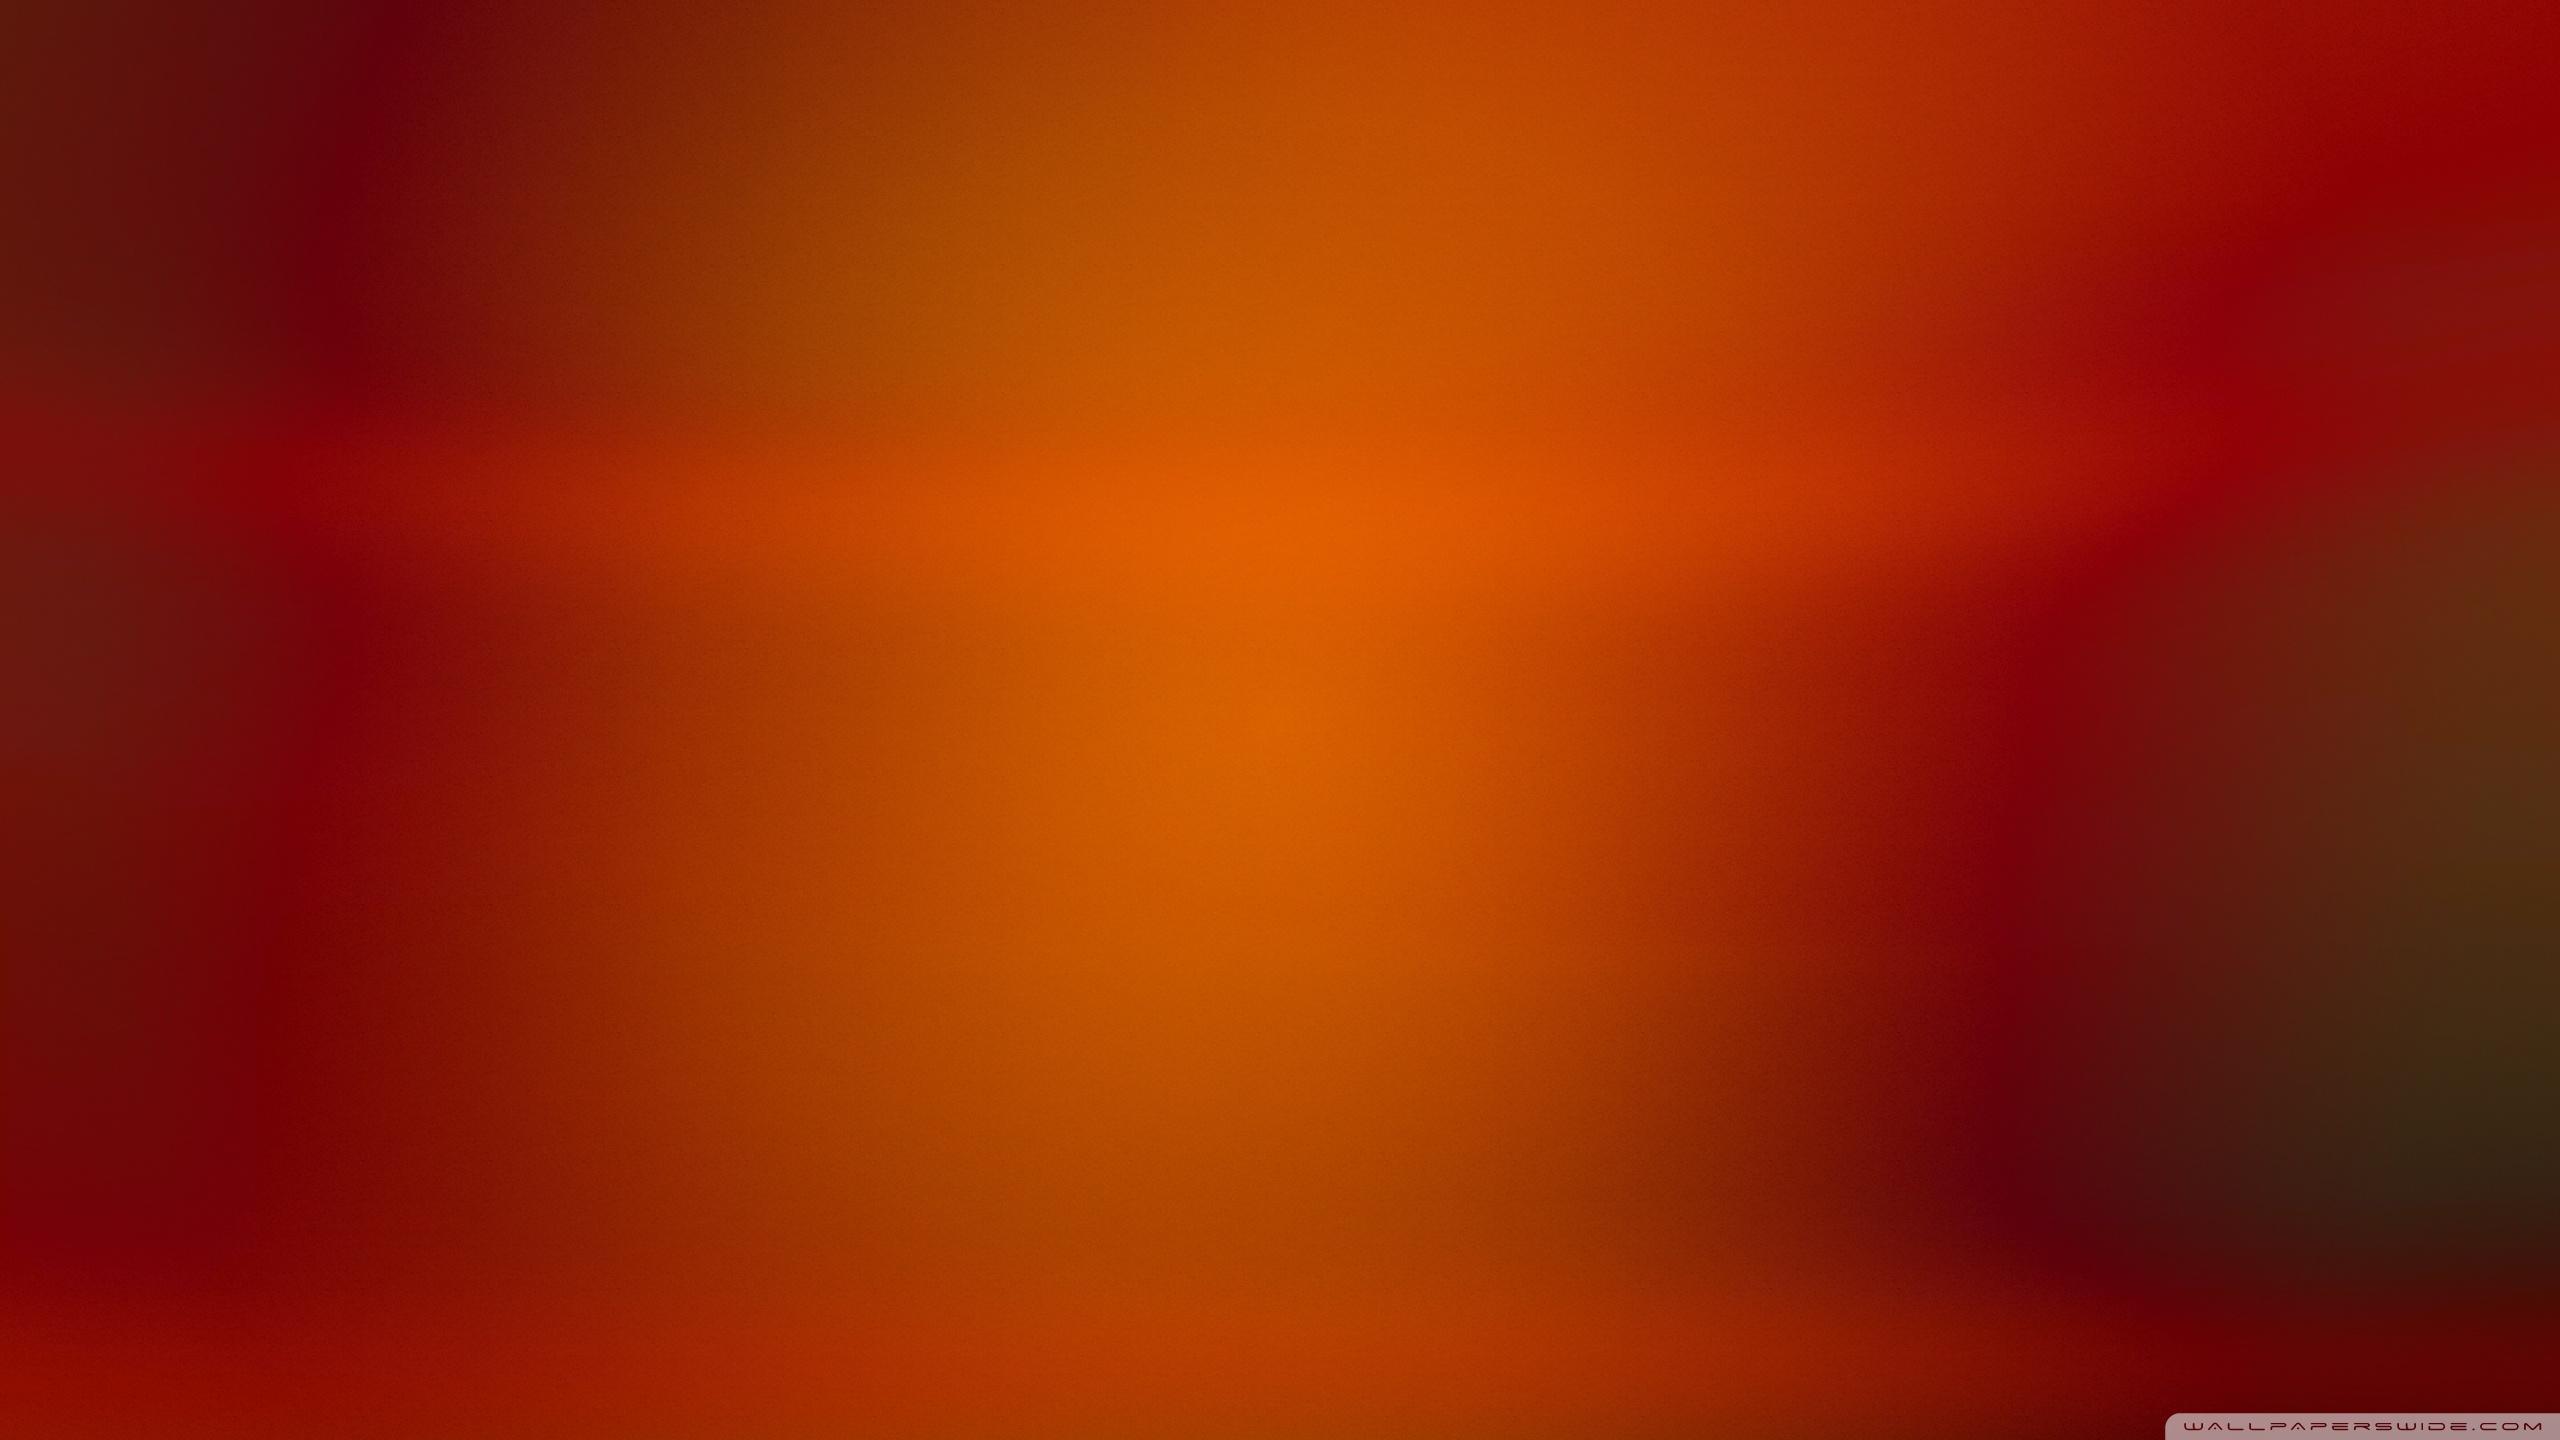 Dark orange wallpaper wallpapersafari - Dark orange wallpaper ...